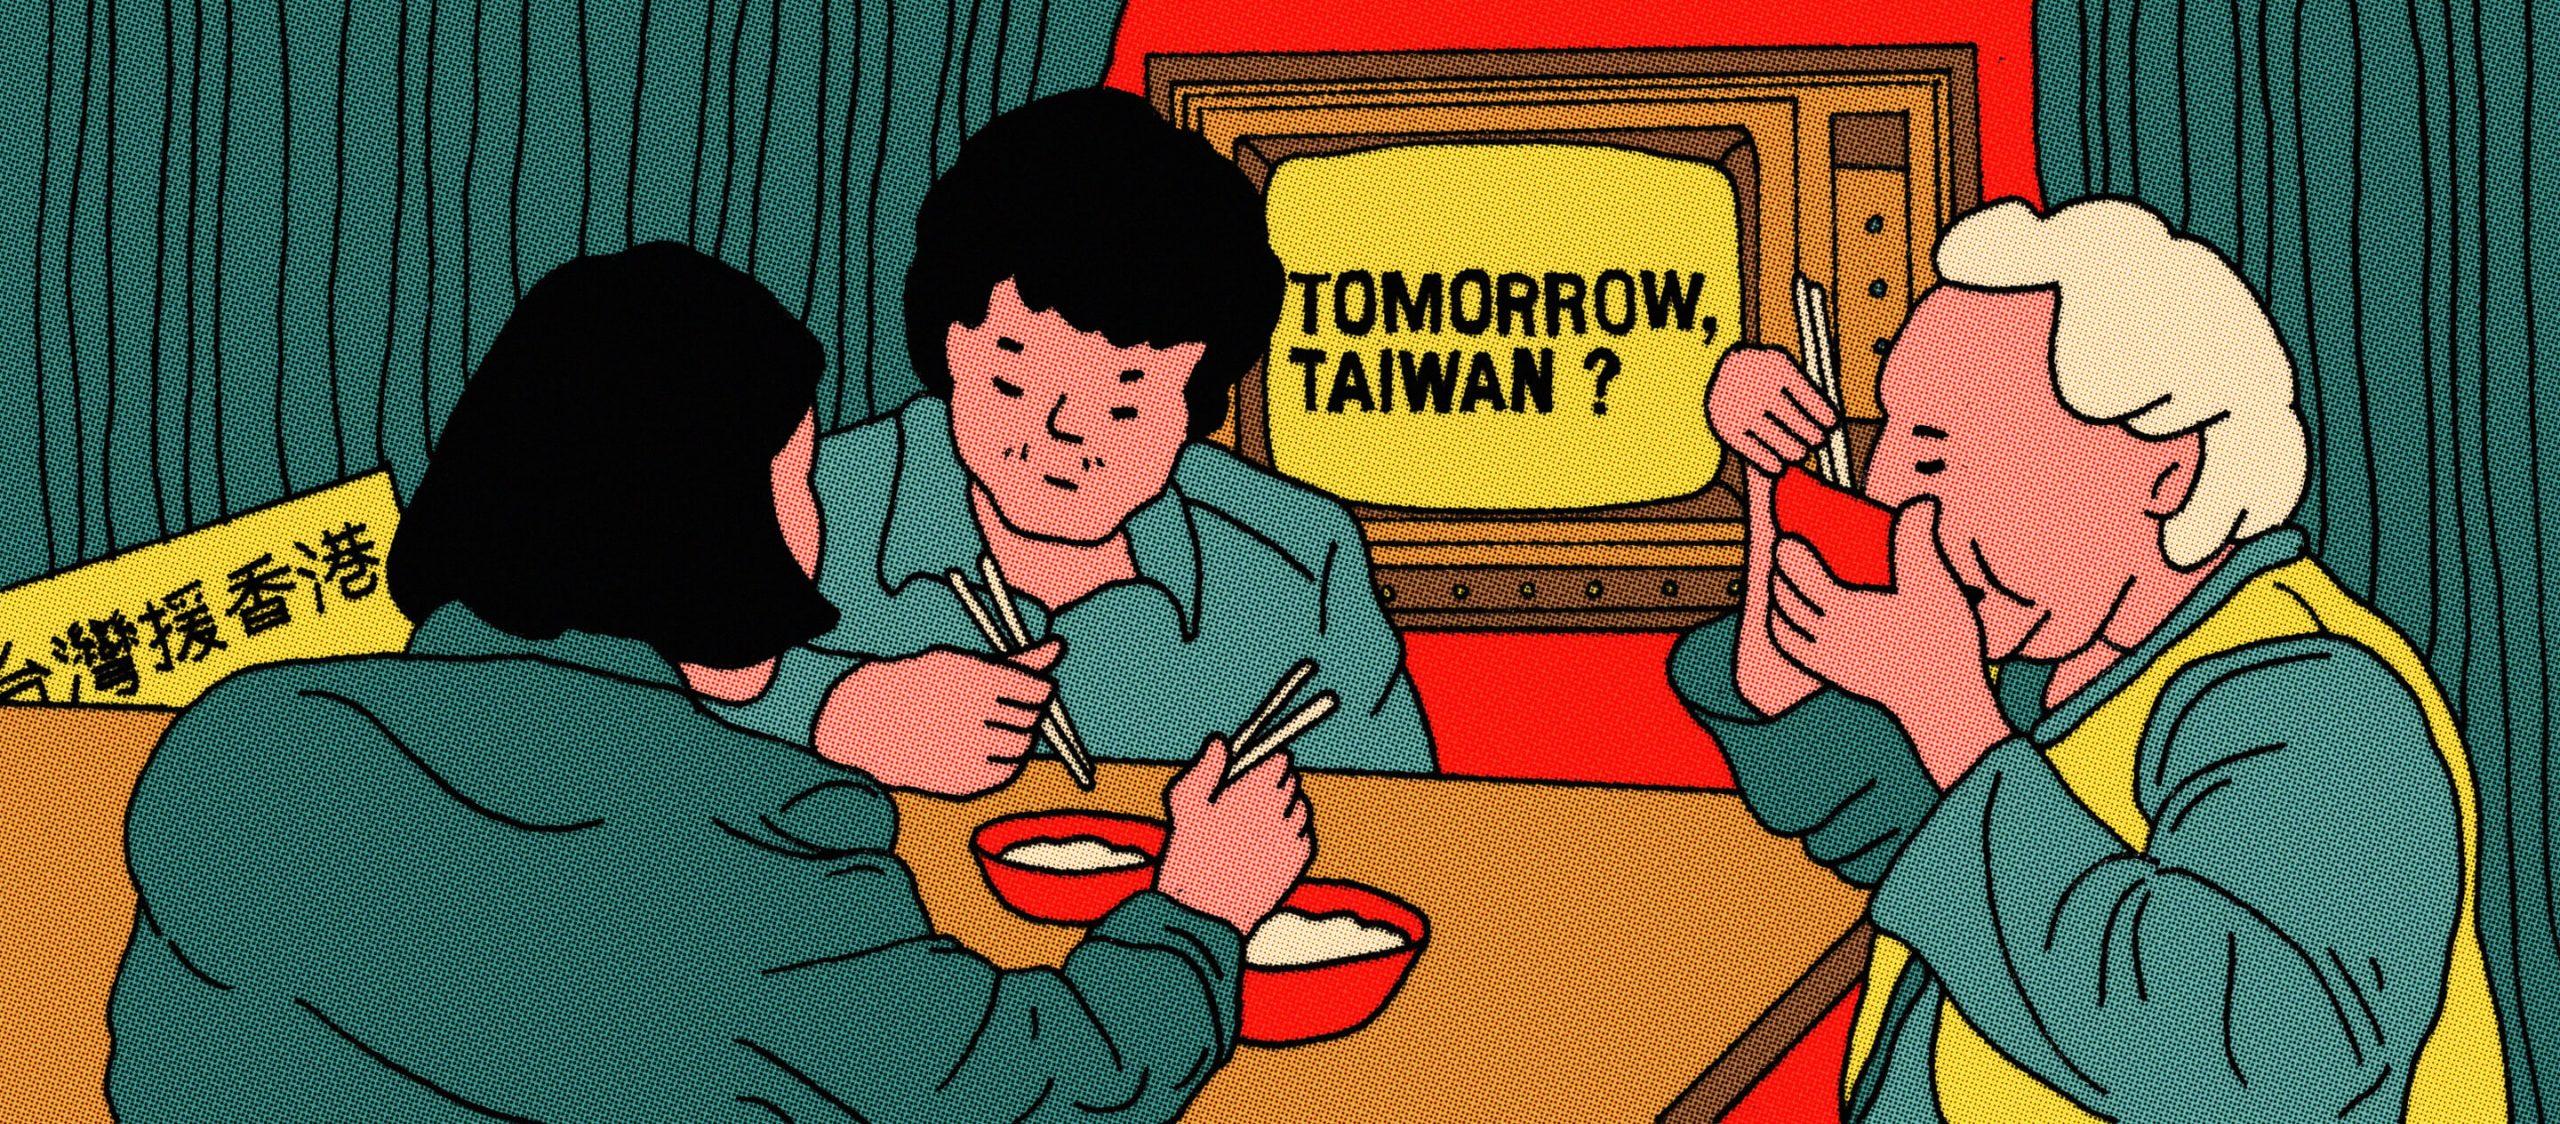 ไต้หวันอยู่ตรงไหนในการประท้วงจีน-ฮ่องกง